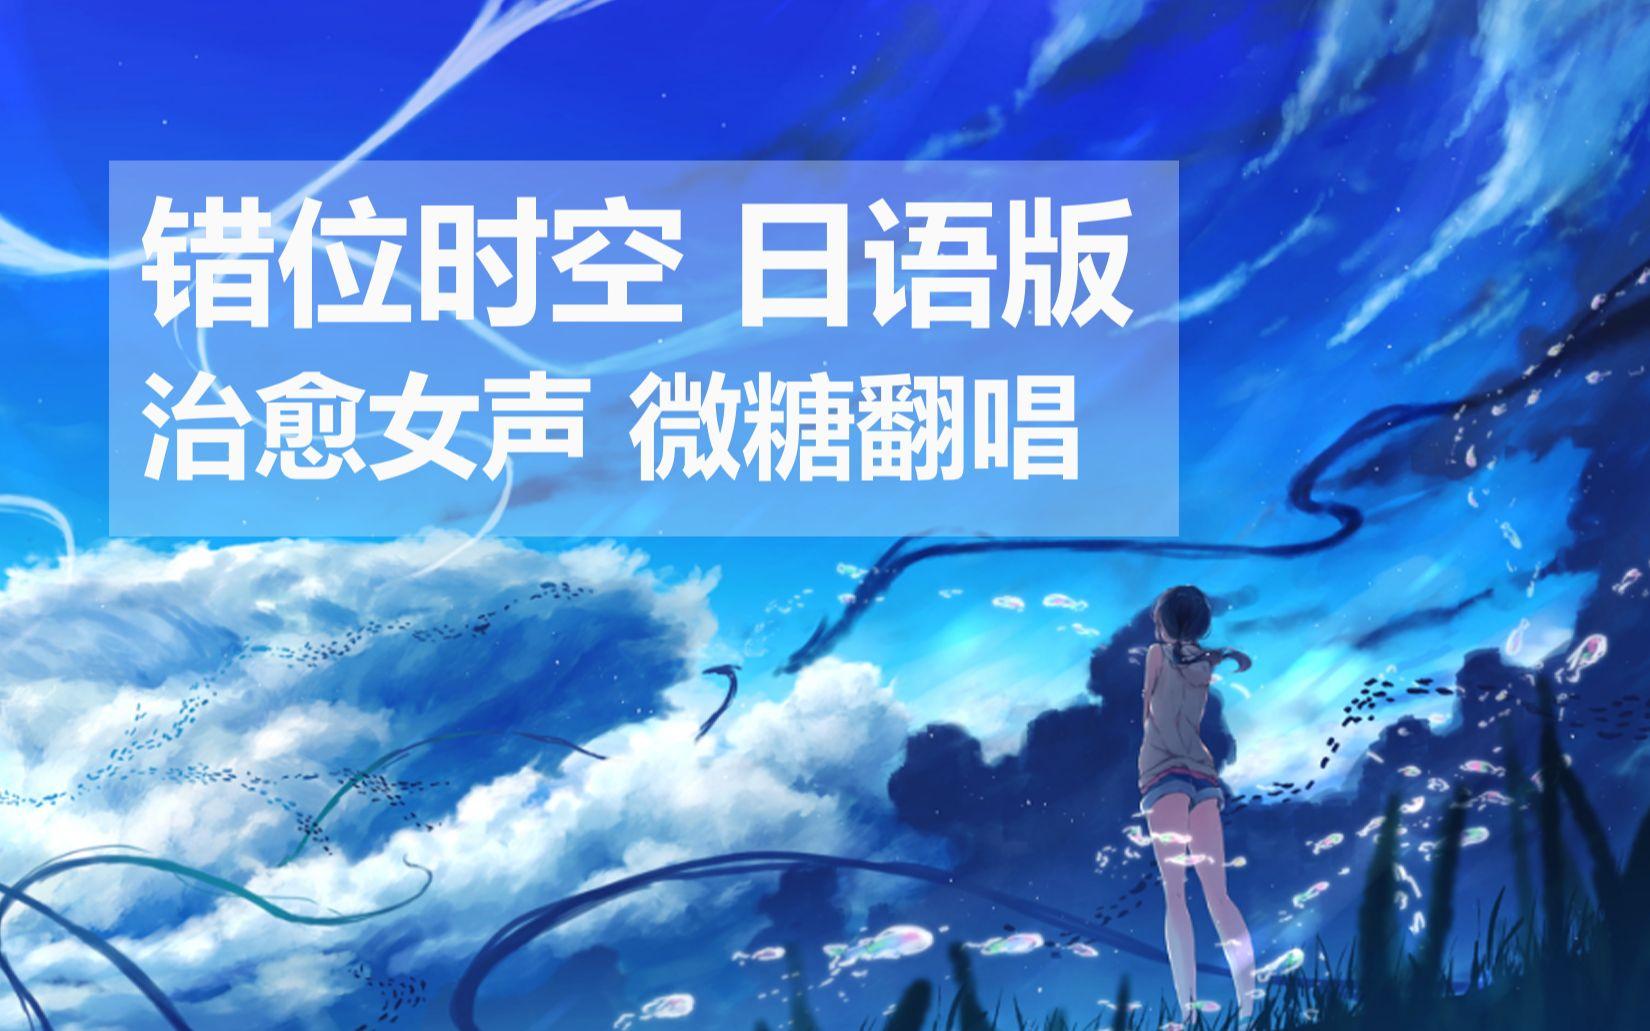 【原创填词】日语版《错位时空》治愈系女声翻唱【高画质MAD】